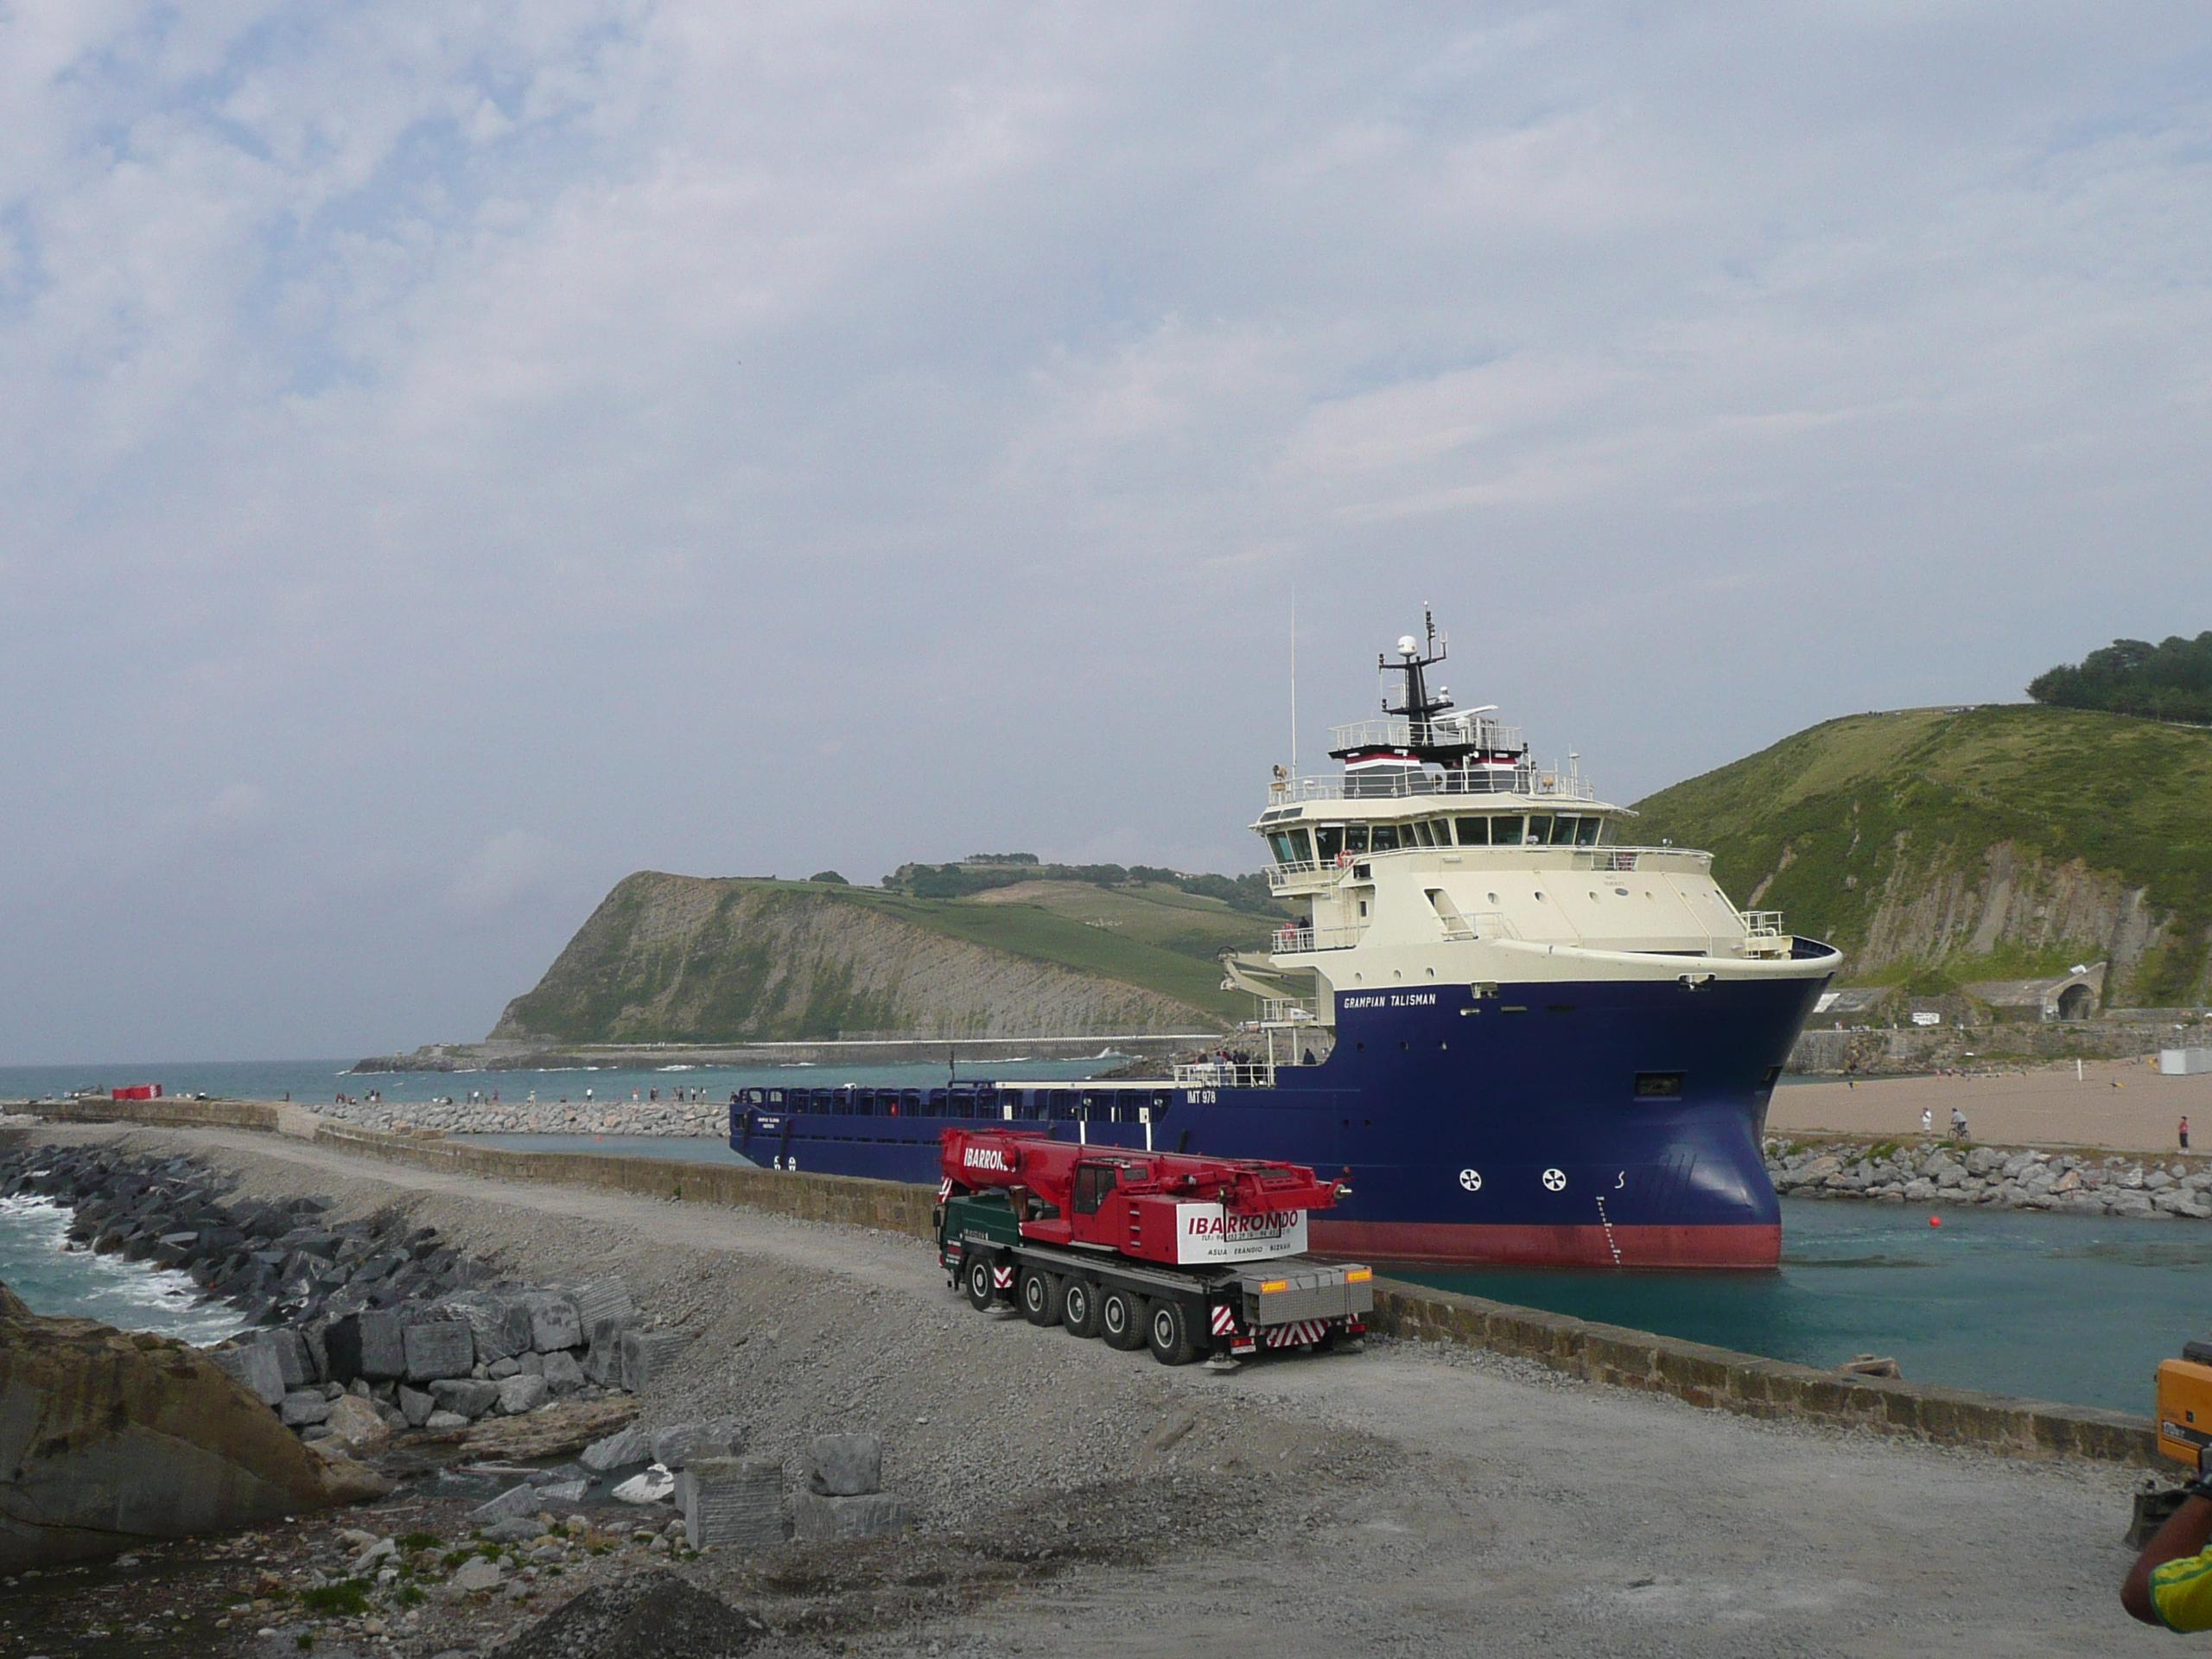 Foto playa Sisurko / Laondoko portua. Grampian Talisman saliendo al mar (zumaia)